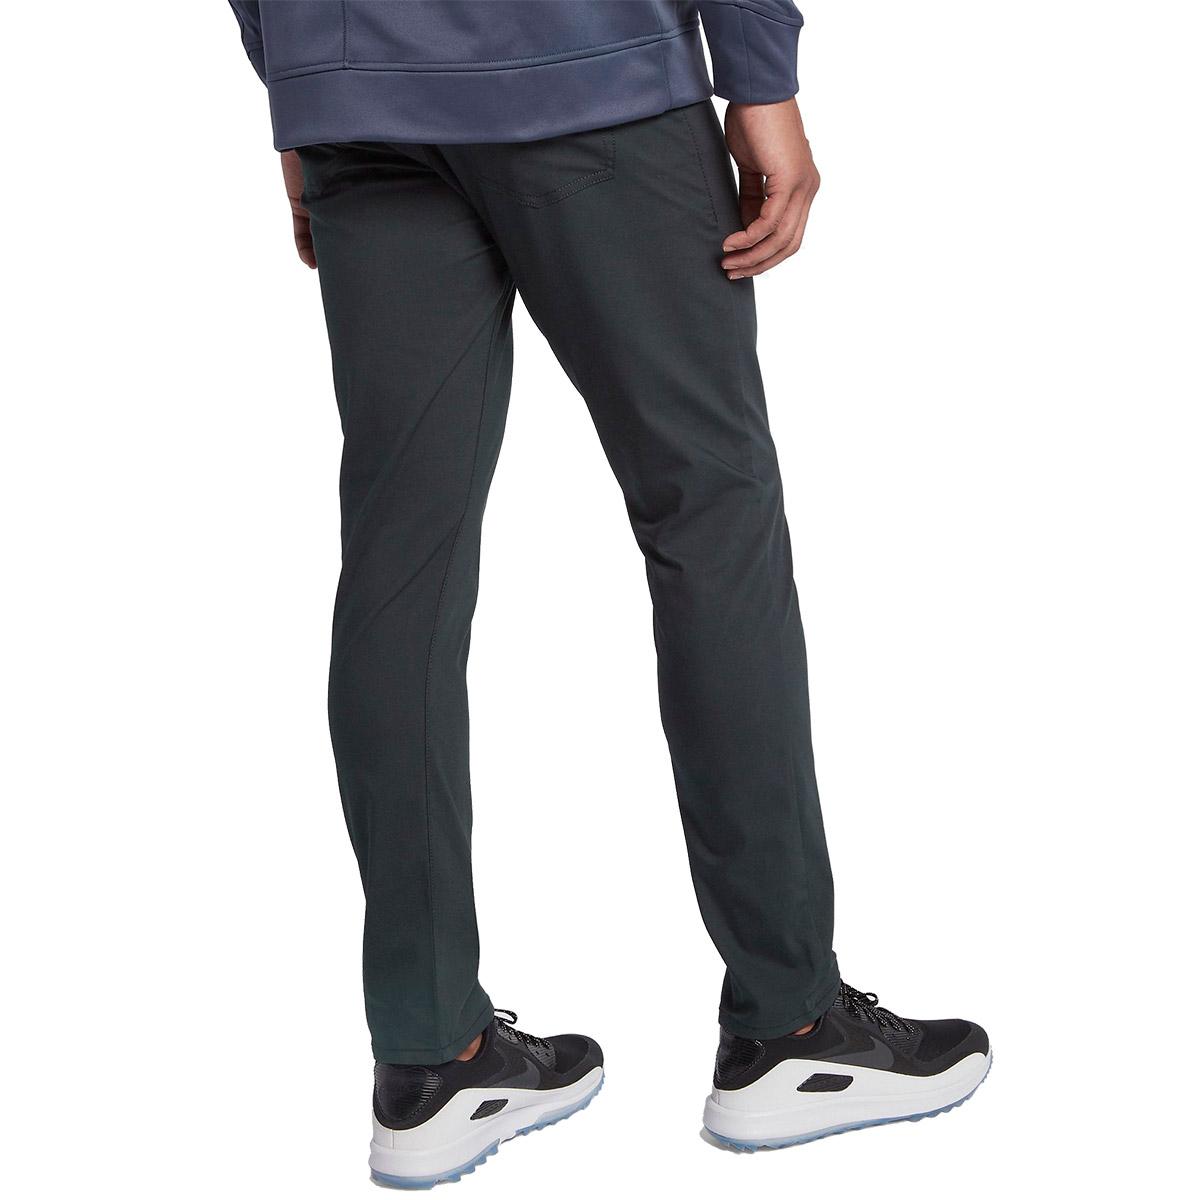 06af50c643b5e Nike Golf Flex Slim 5 Pocket Trousers from american golf